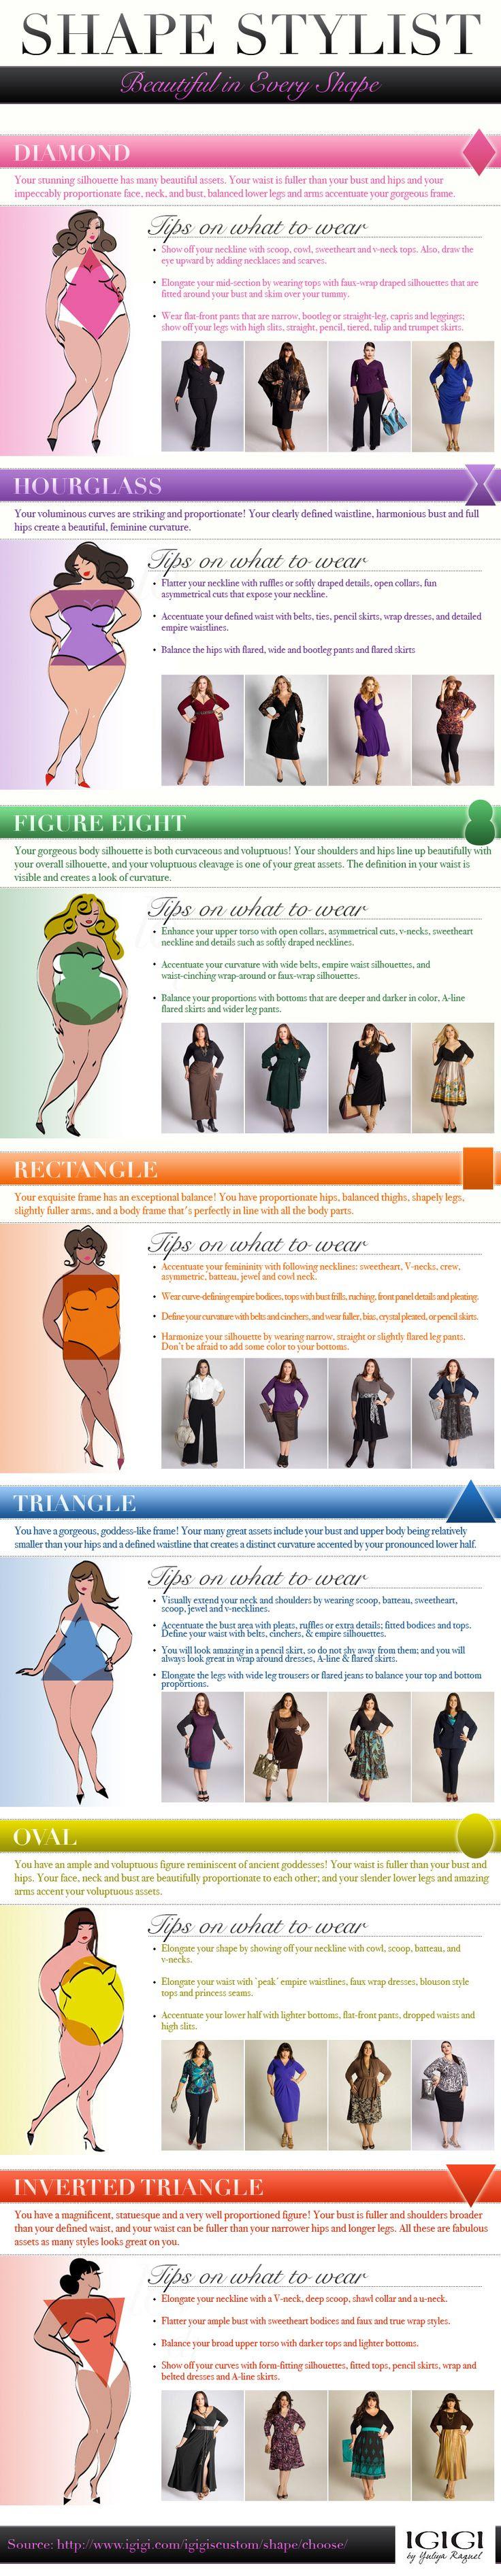 Bainhas para seu tamanho Moda Trendy Plus para Mulheres: Hems para ela do Guide to Personal Style e Plus Size Compras